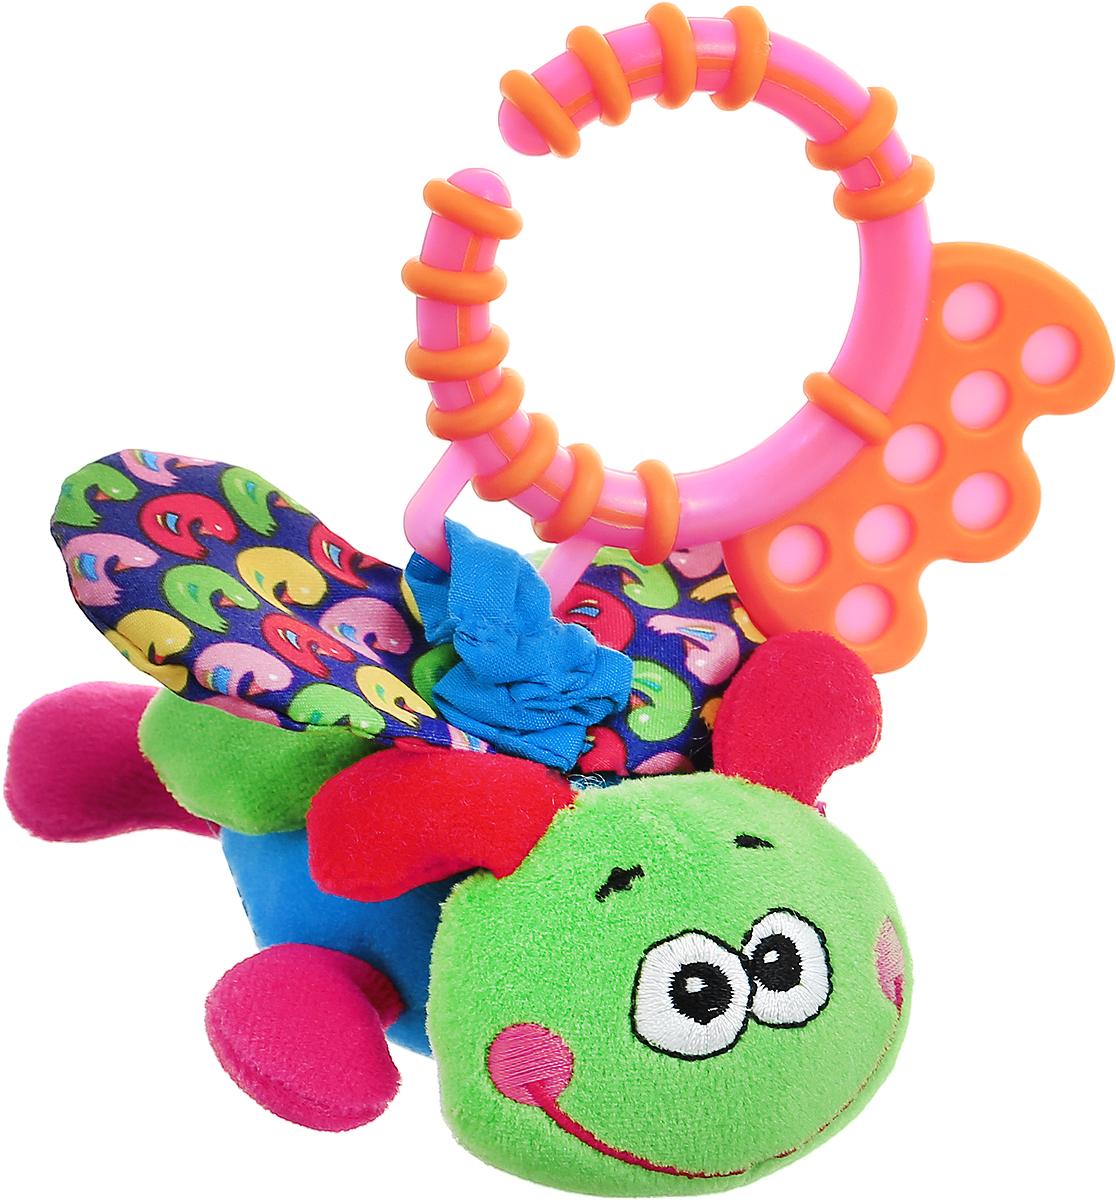 Bondibon Игрушка-подвеска Стрекоза цвет зеленый синийВВ1297_зеленый/синийМягкая игрушка-подвеска Стрекоза изготовлена из ярких материалов разной фактуры. Как же весело и интересно ее рассматривать! Но держать ее в маленьких ручках еще интереснее, ведь она таит в себе столько приятных сюрпризов и удивительных открытий! Игрушка представляет собой симпатичное насекомое на веревочке-растяжке. Веревочка с игрушкой способна растягиваться и сжиматься. При сжатии веревочки, игрушка забавно вибрирует. Внутри крылышек спрятаны шуршащие элементы. В голове стрекозы имеется элемент погремушки. Стрекозу можно использовать в качестве подвески над кроваткой или коляской, подвесив за практичное незамкнутое пластиковое кольцо. Яркая игрушка формирует тактильные ощущения, восприятие звуков, цветов и форм. В процессе игры развивается мелкая моторика и воображение вашего ребенка.